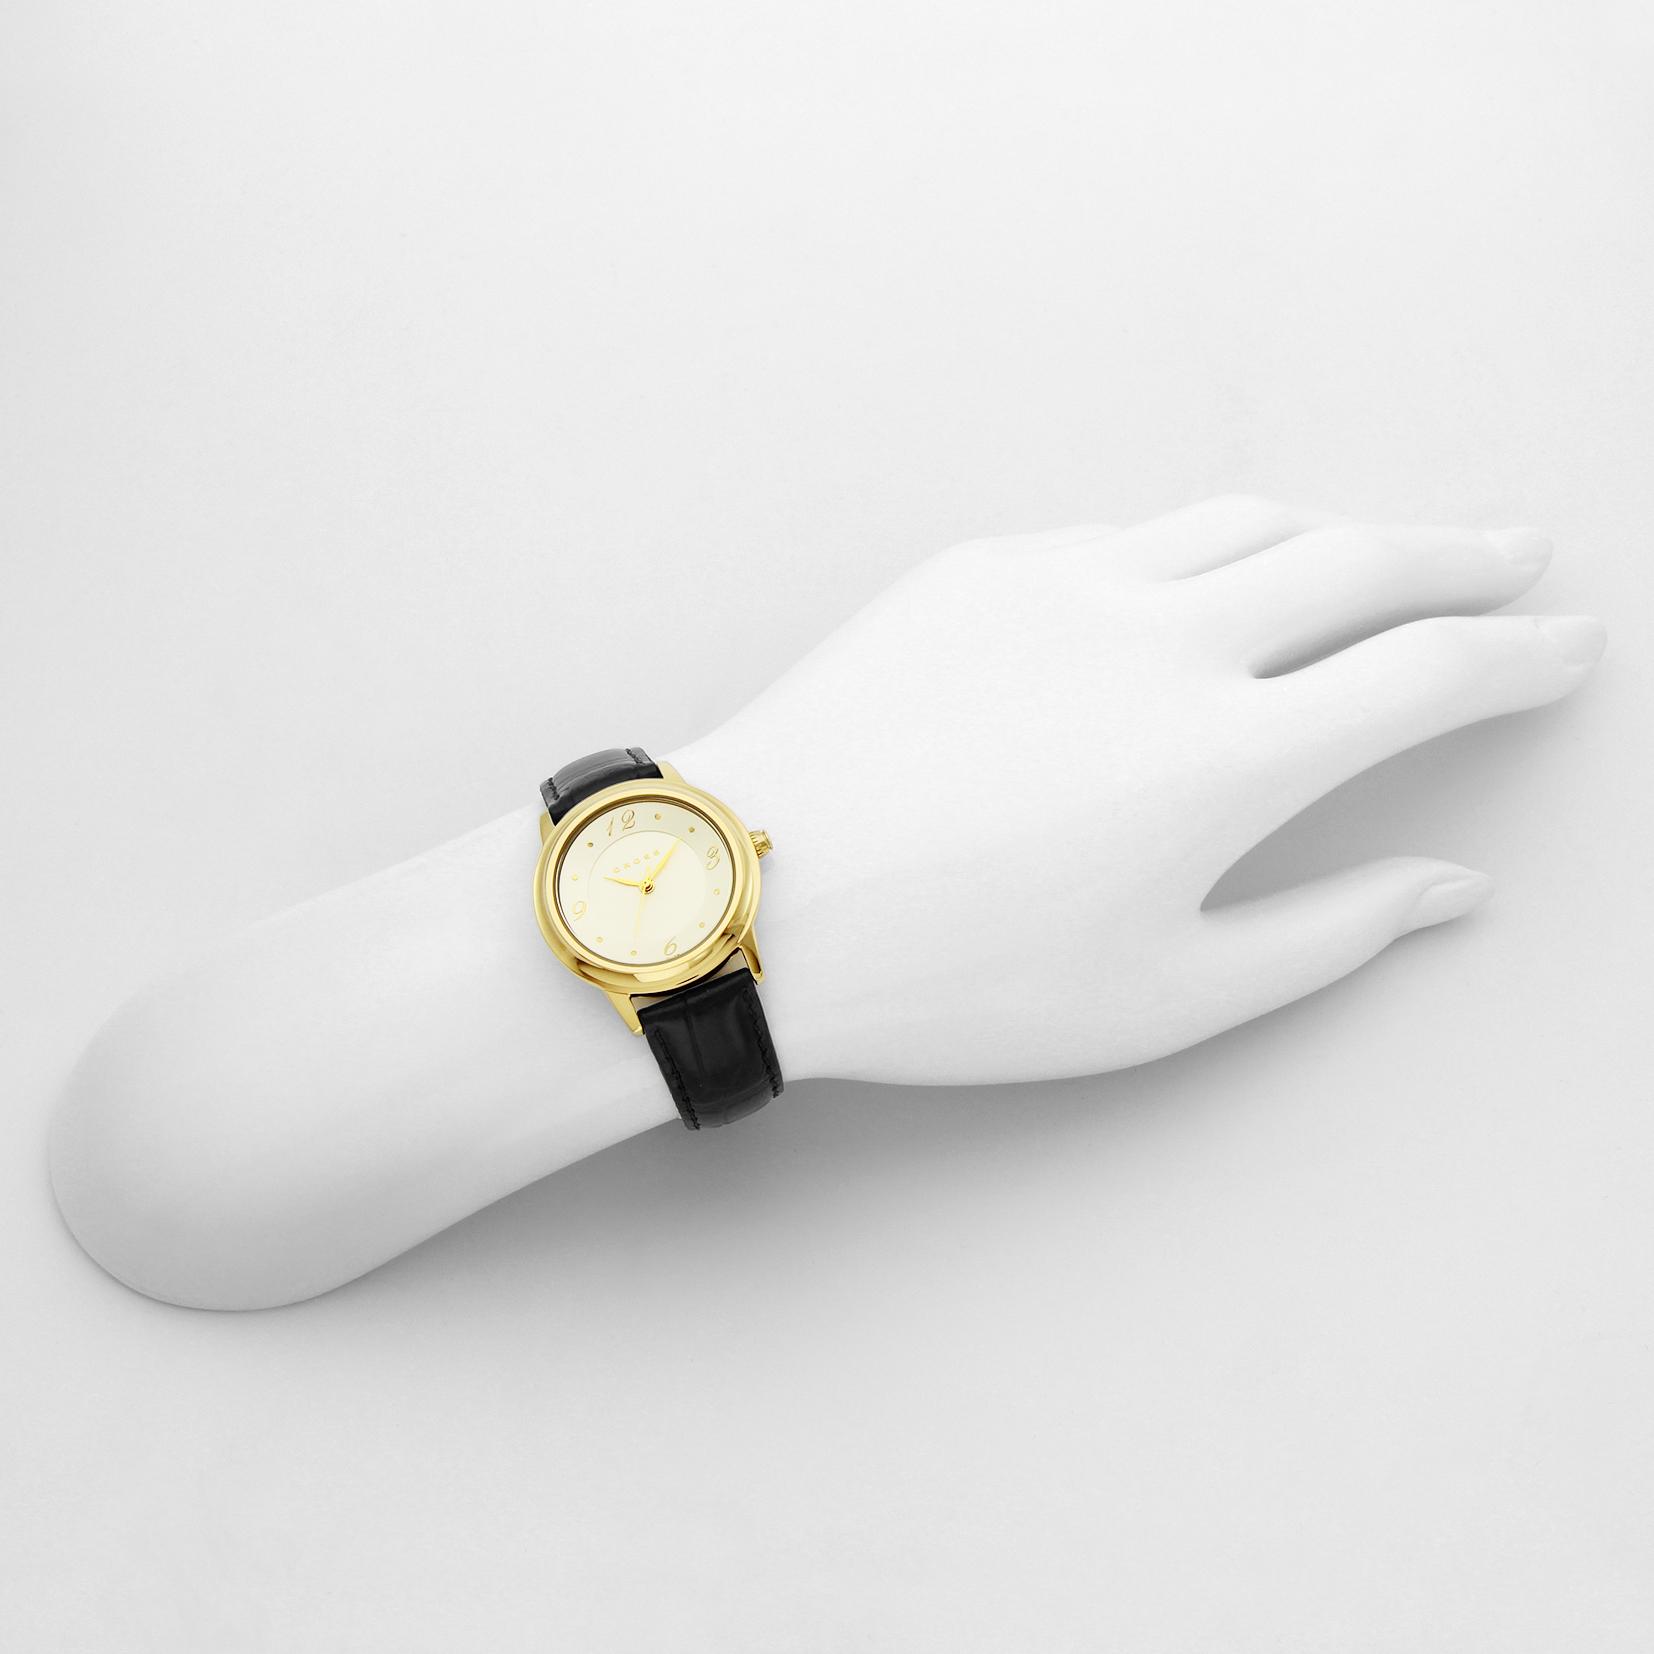 【期間限定 エントリーでP10倍】 CROSS(クロス) ■腕時計 Chicago レディース シルバー WFAK25